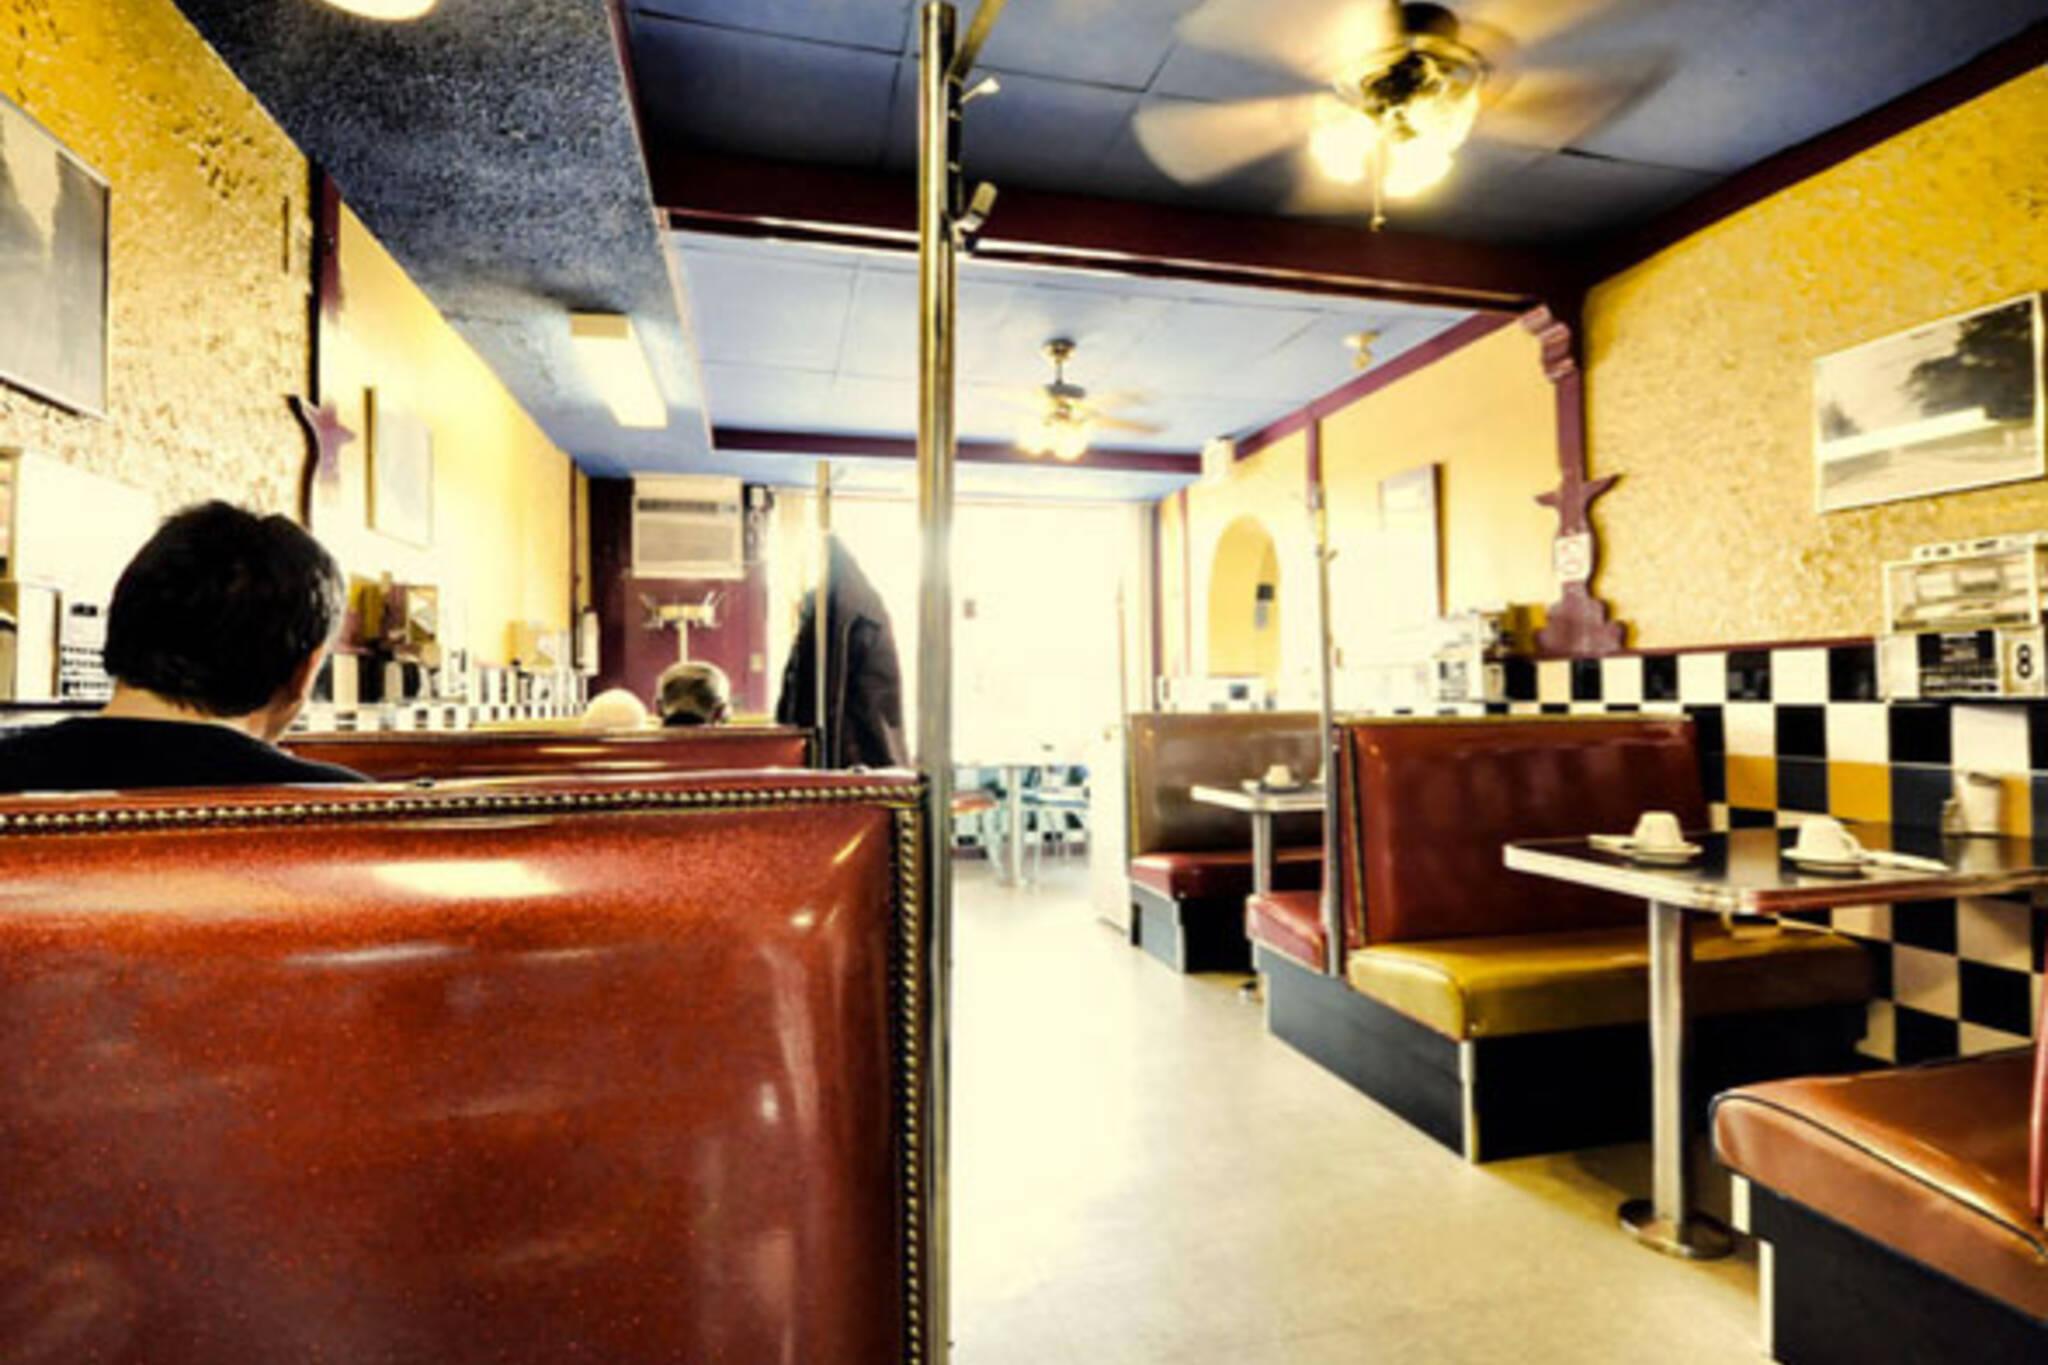 Three Coins Open Kitchen - blogTO - Toronto